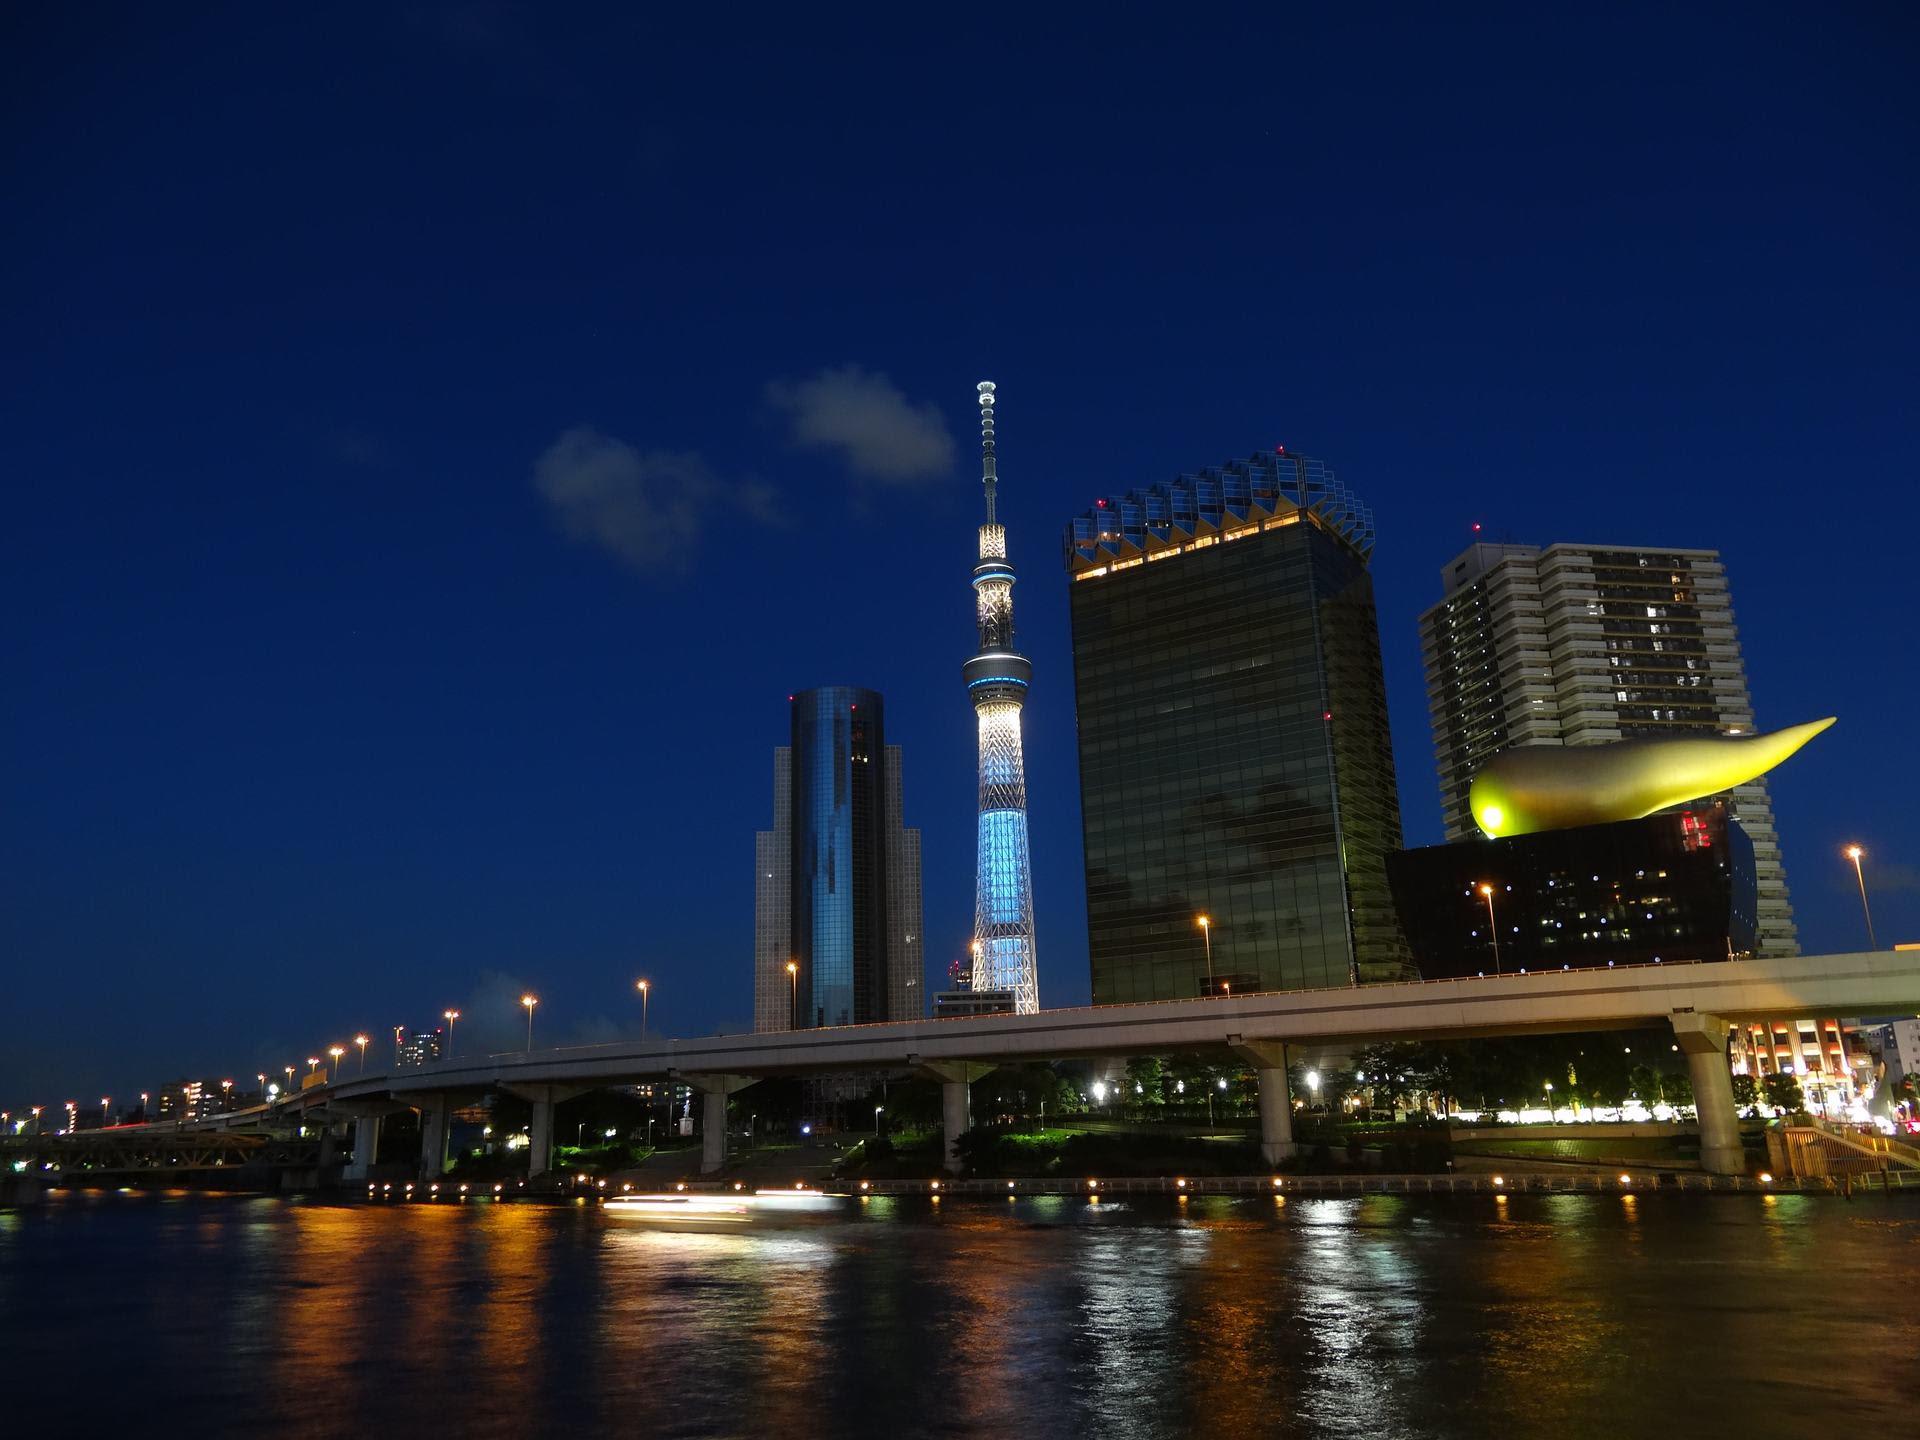 東京スカイツリー In Night 上総の写真 クリックすると壁紙サイズの